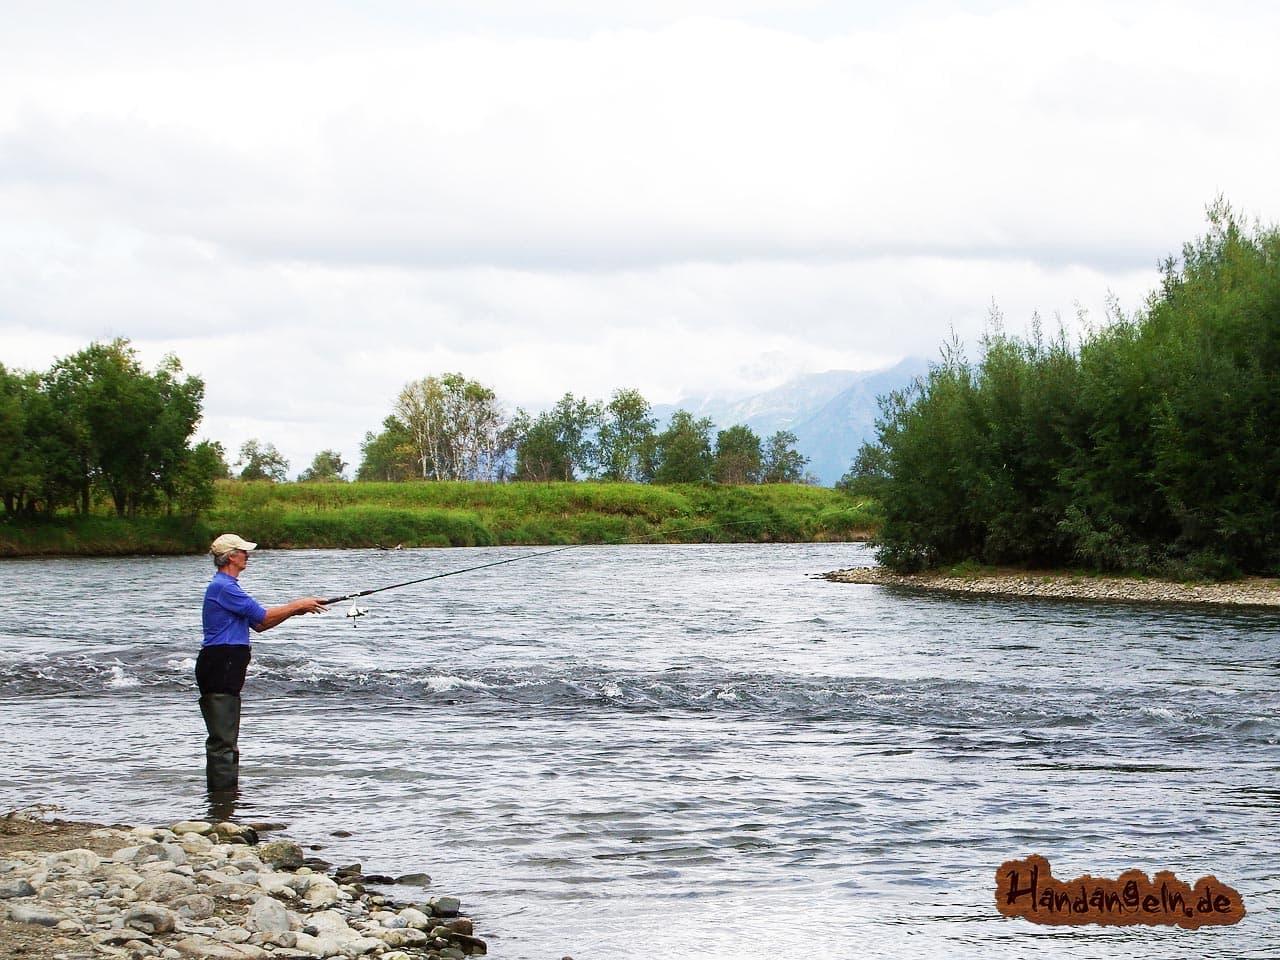 Angler Hechtangeln am Fluss Fluss-Kurven